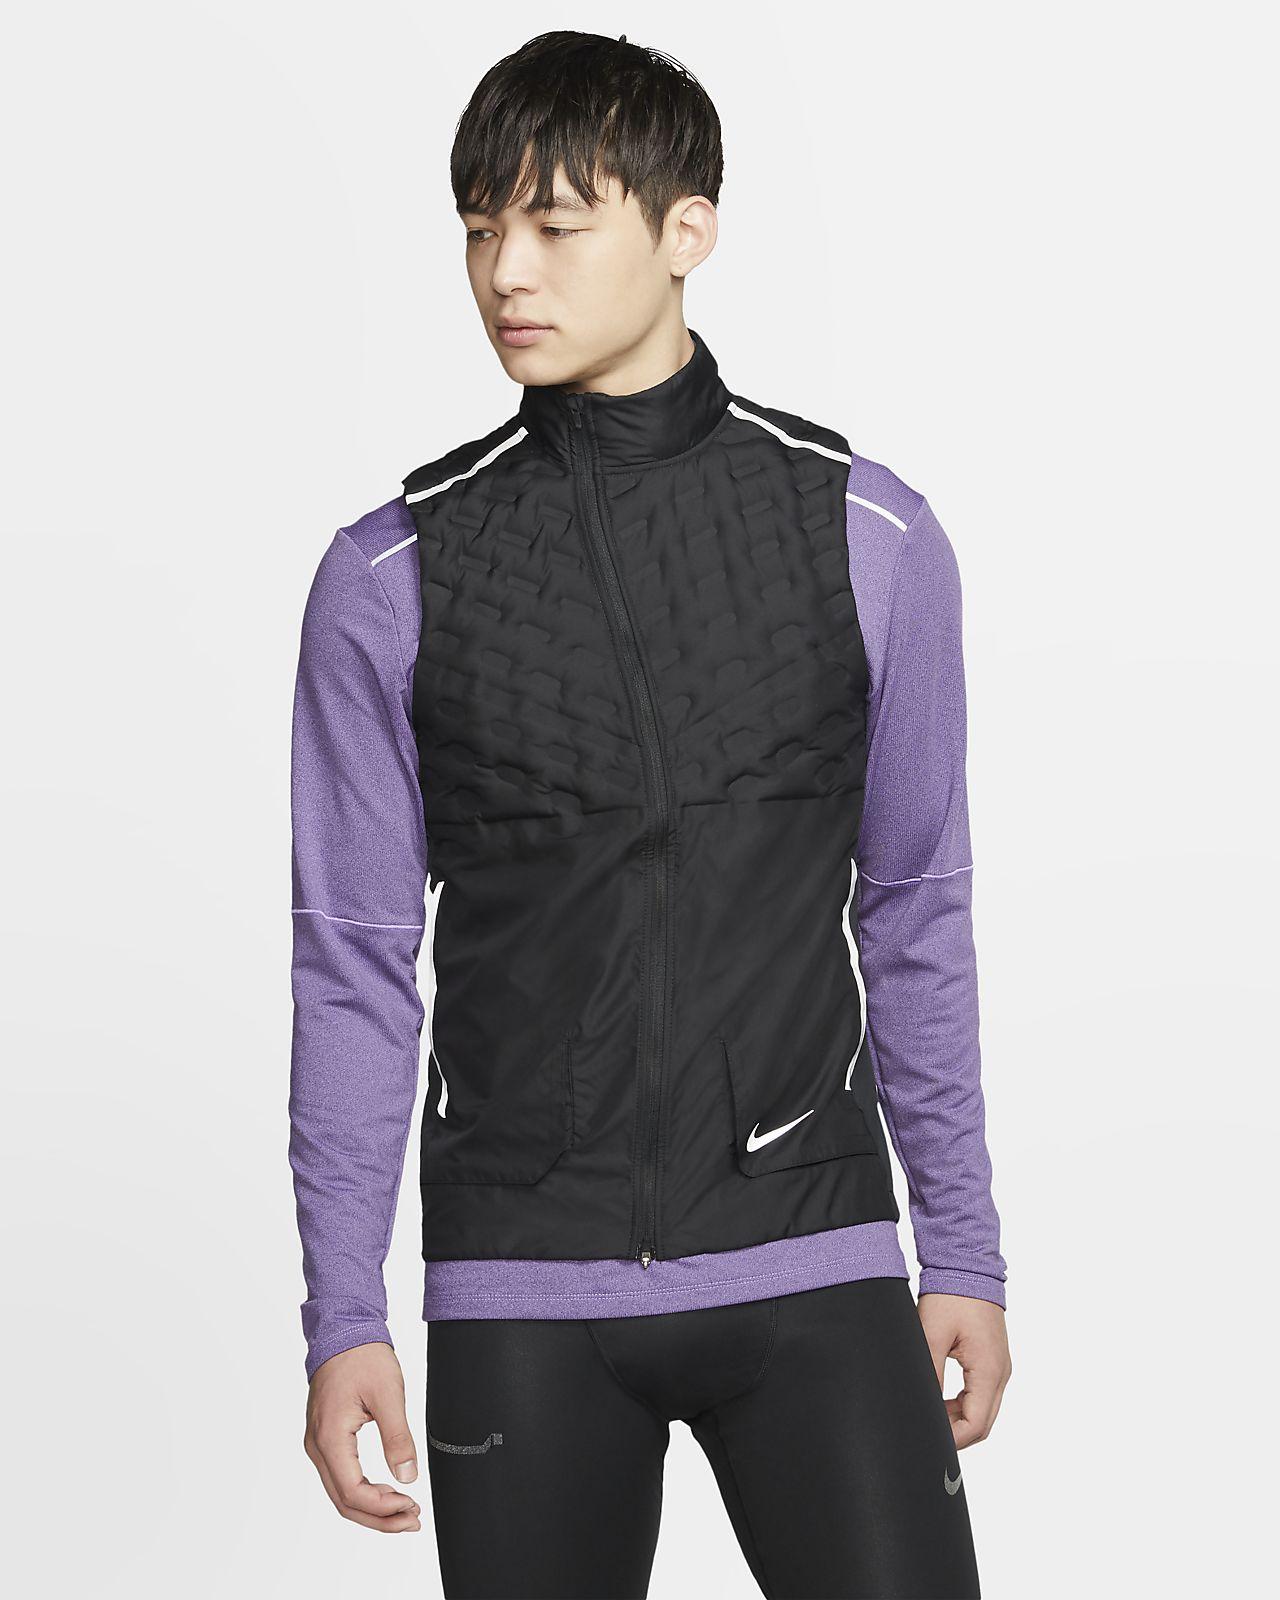 Nike Jakke Tech Fleece Aeroloft Sort